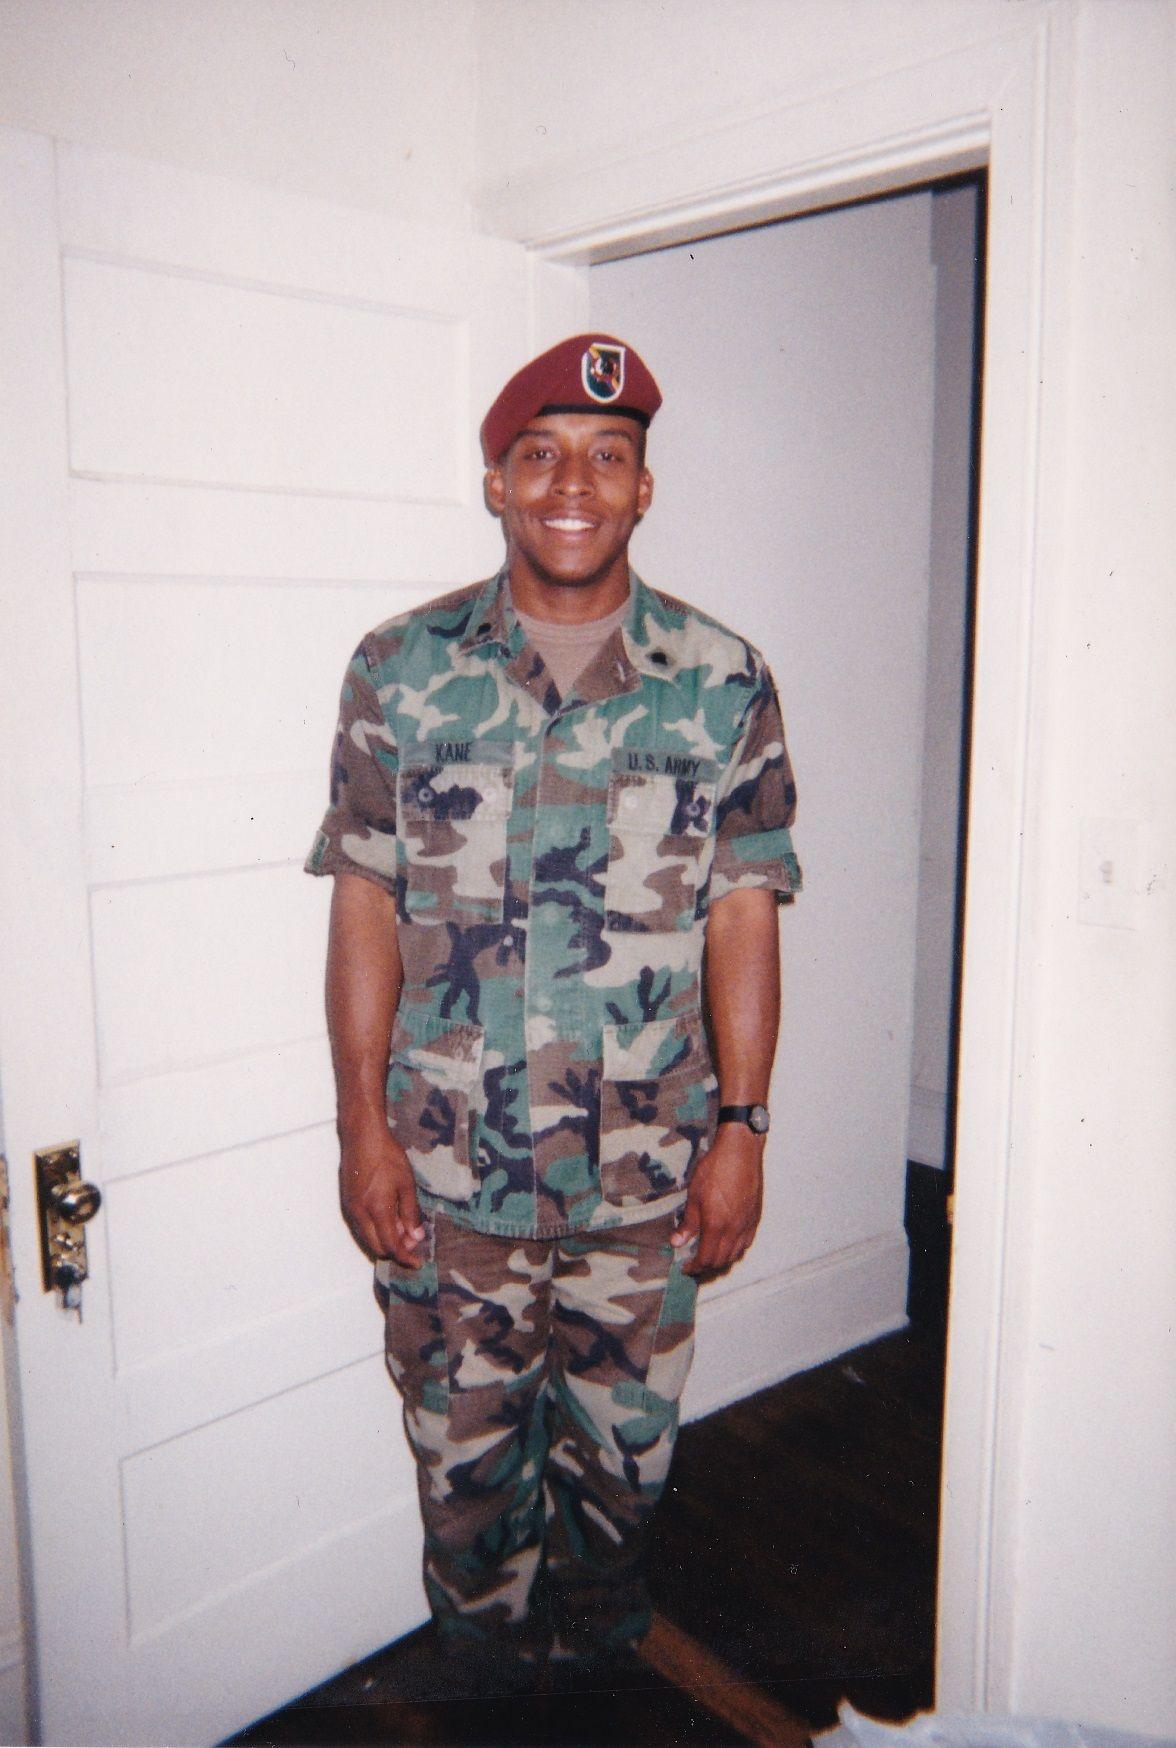 Army 38a 38b Mos My Experience As A Civil Affairs Nco In